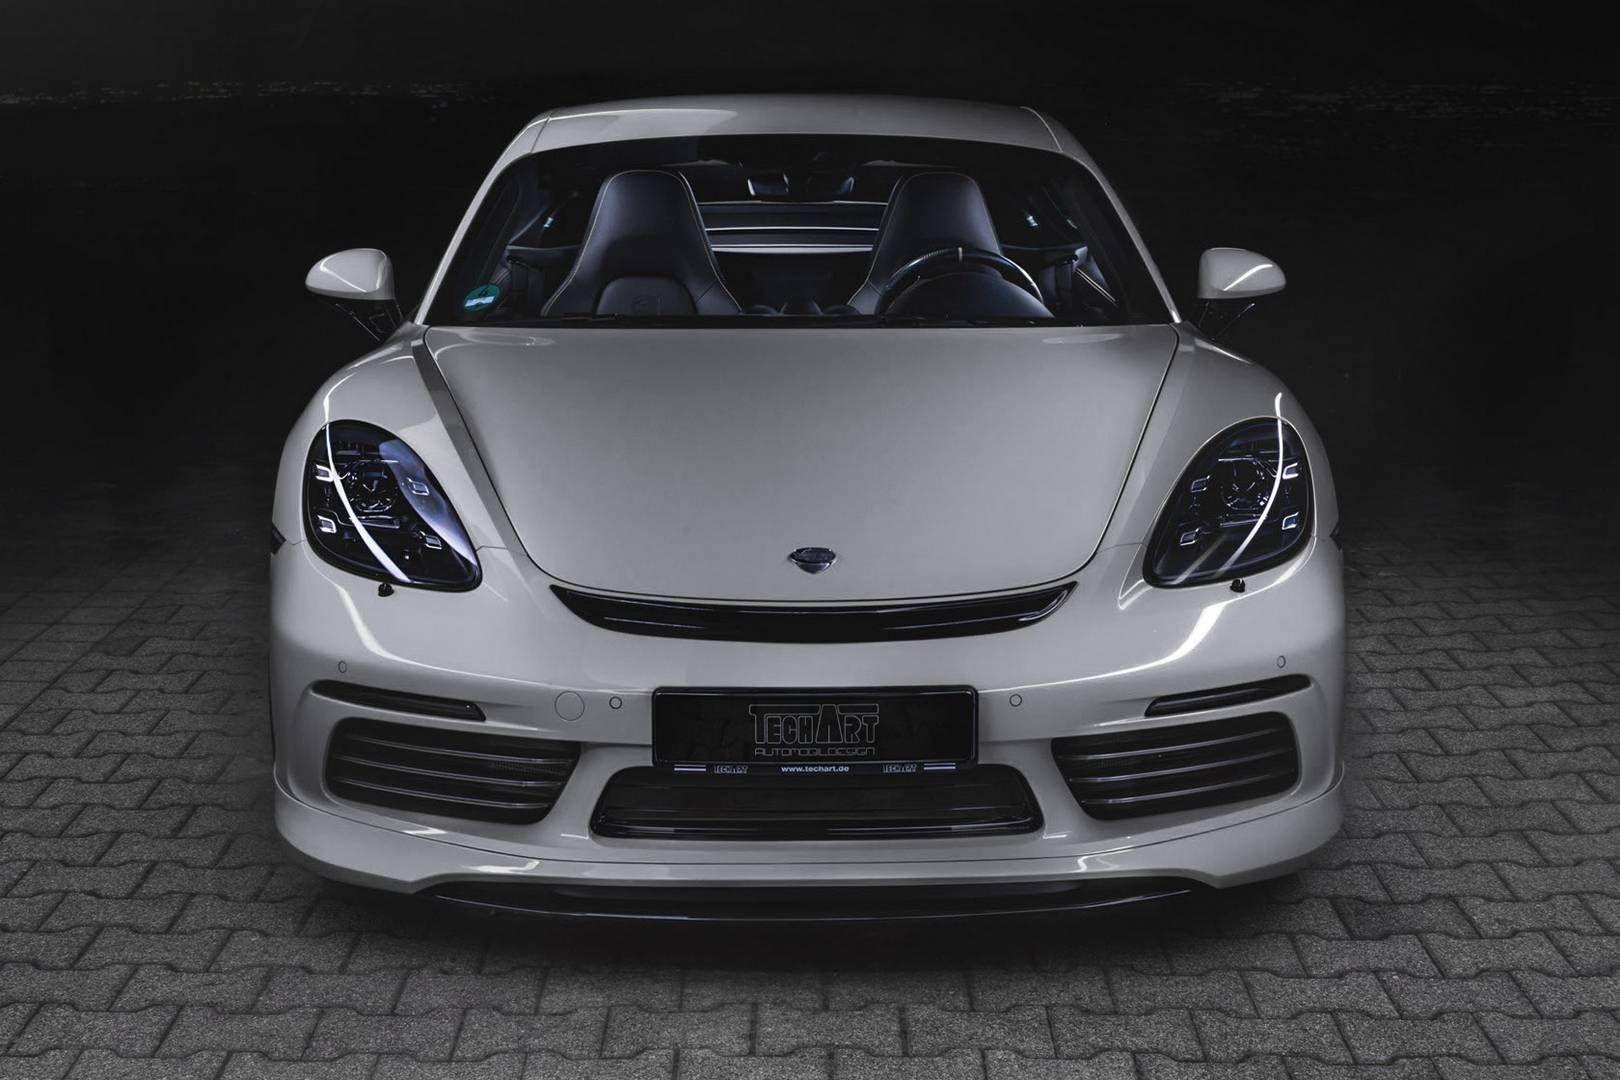 Комплект доработок для Porsche 718 от знаменитого ателье Techart